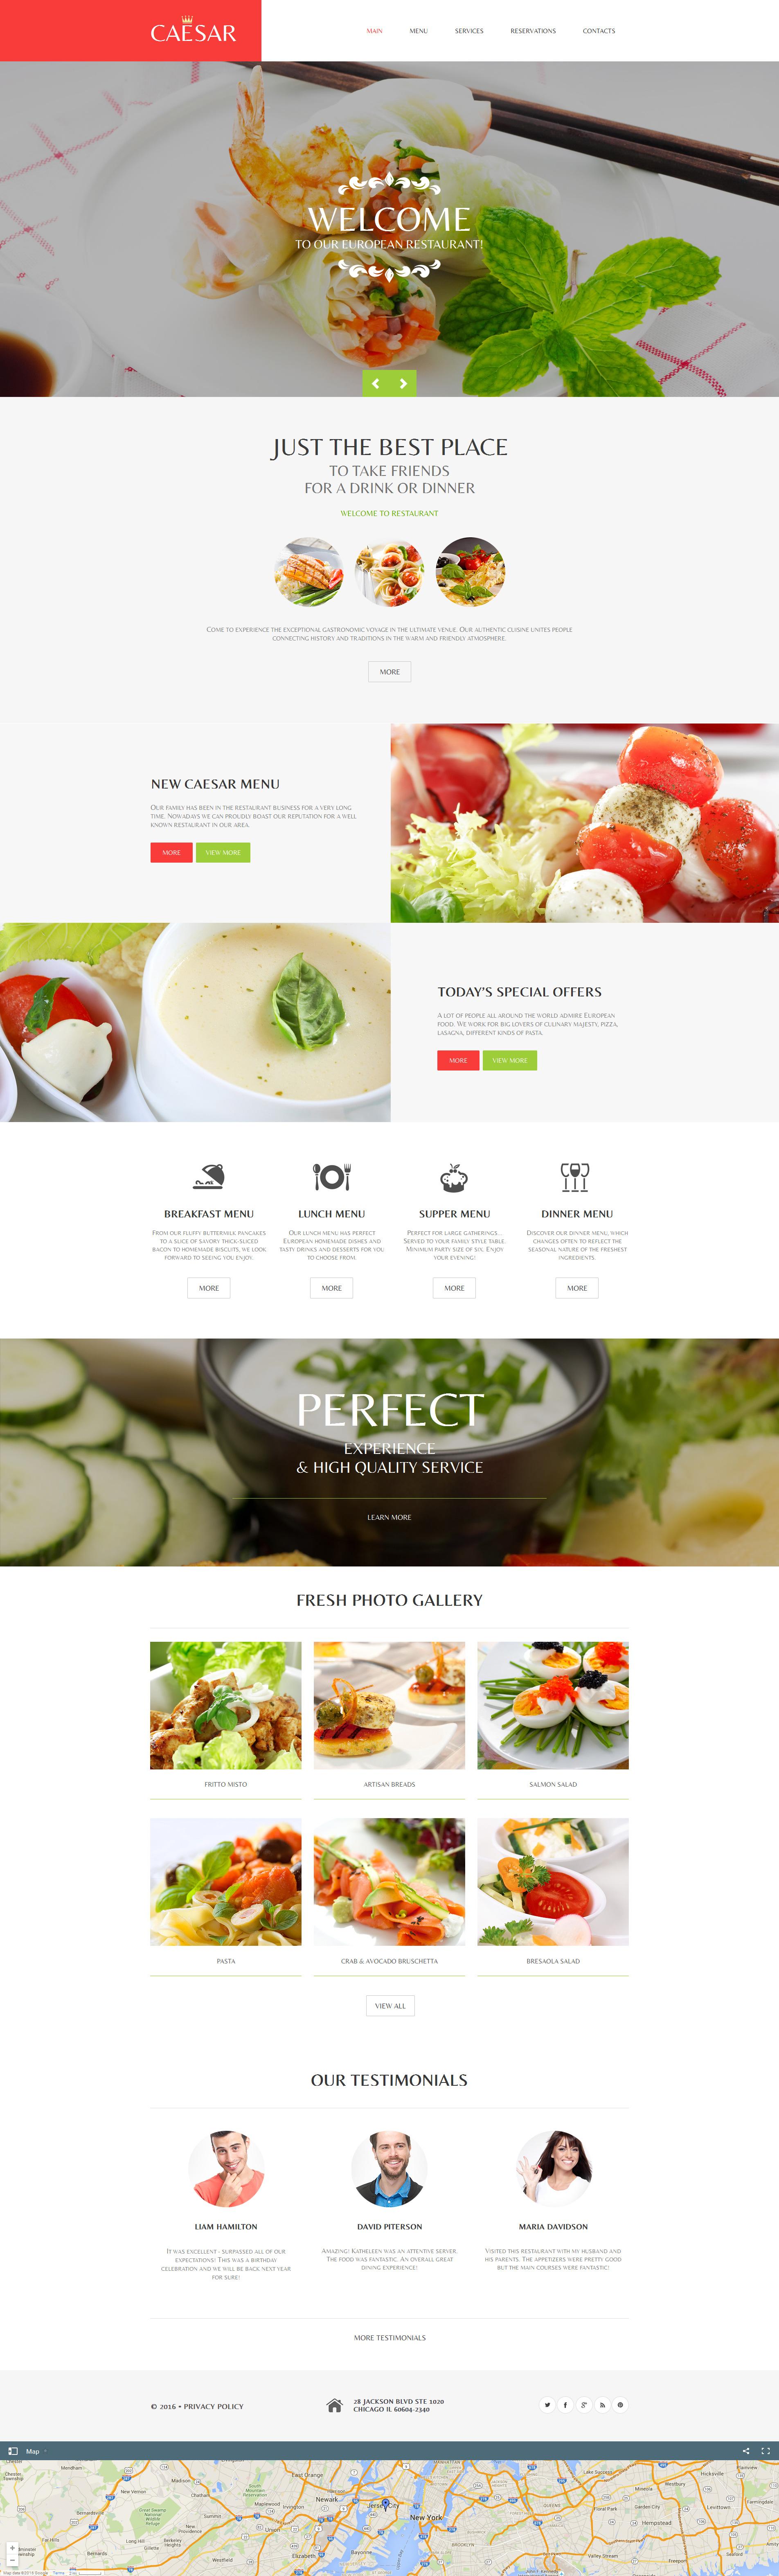 Template Moto CMS HTML para Sites de Cafeteria e Restaurante №58751